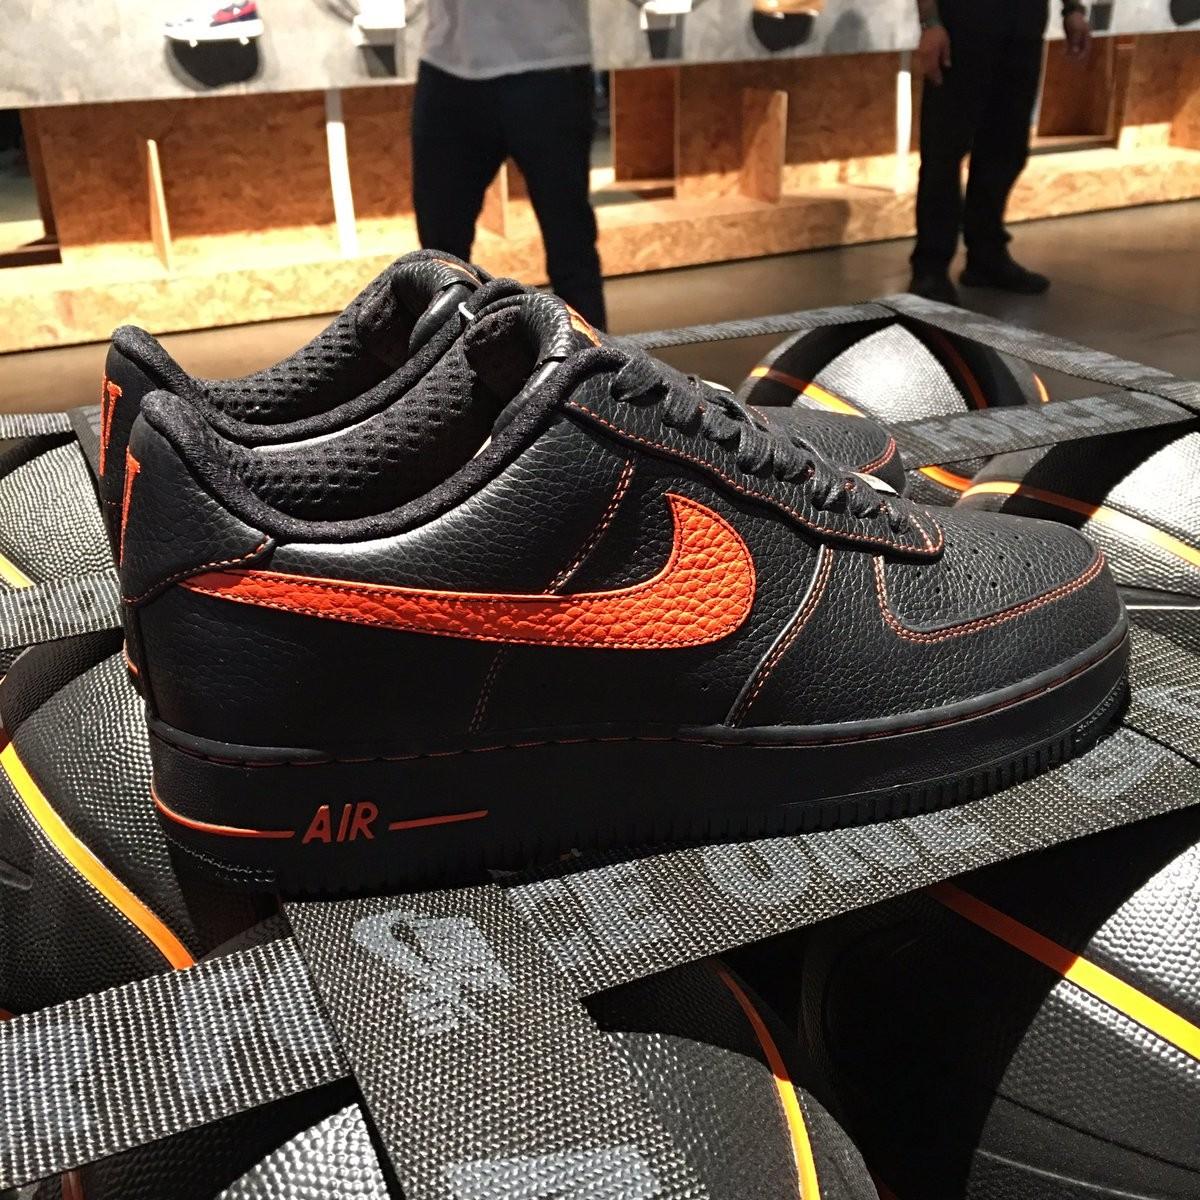 20 mẫu sneakers hiếm có và đắt giá nhất tại Sneakerness Paris Xuân/Hè 2017 - Ảnh 8.